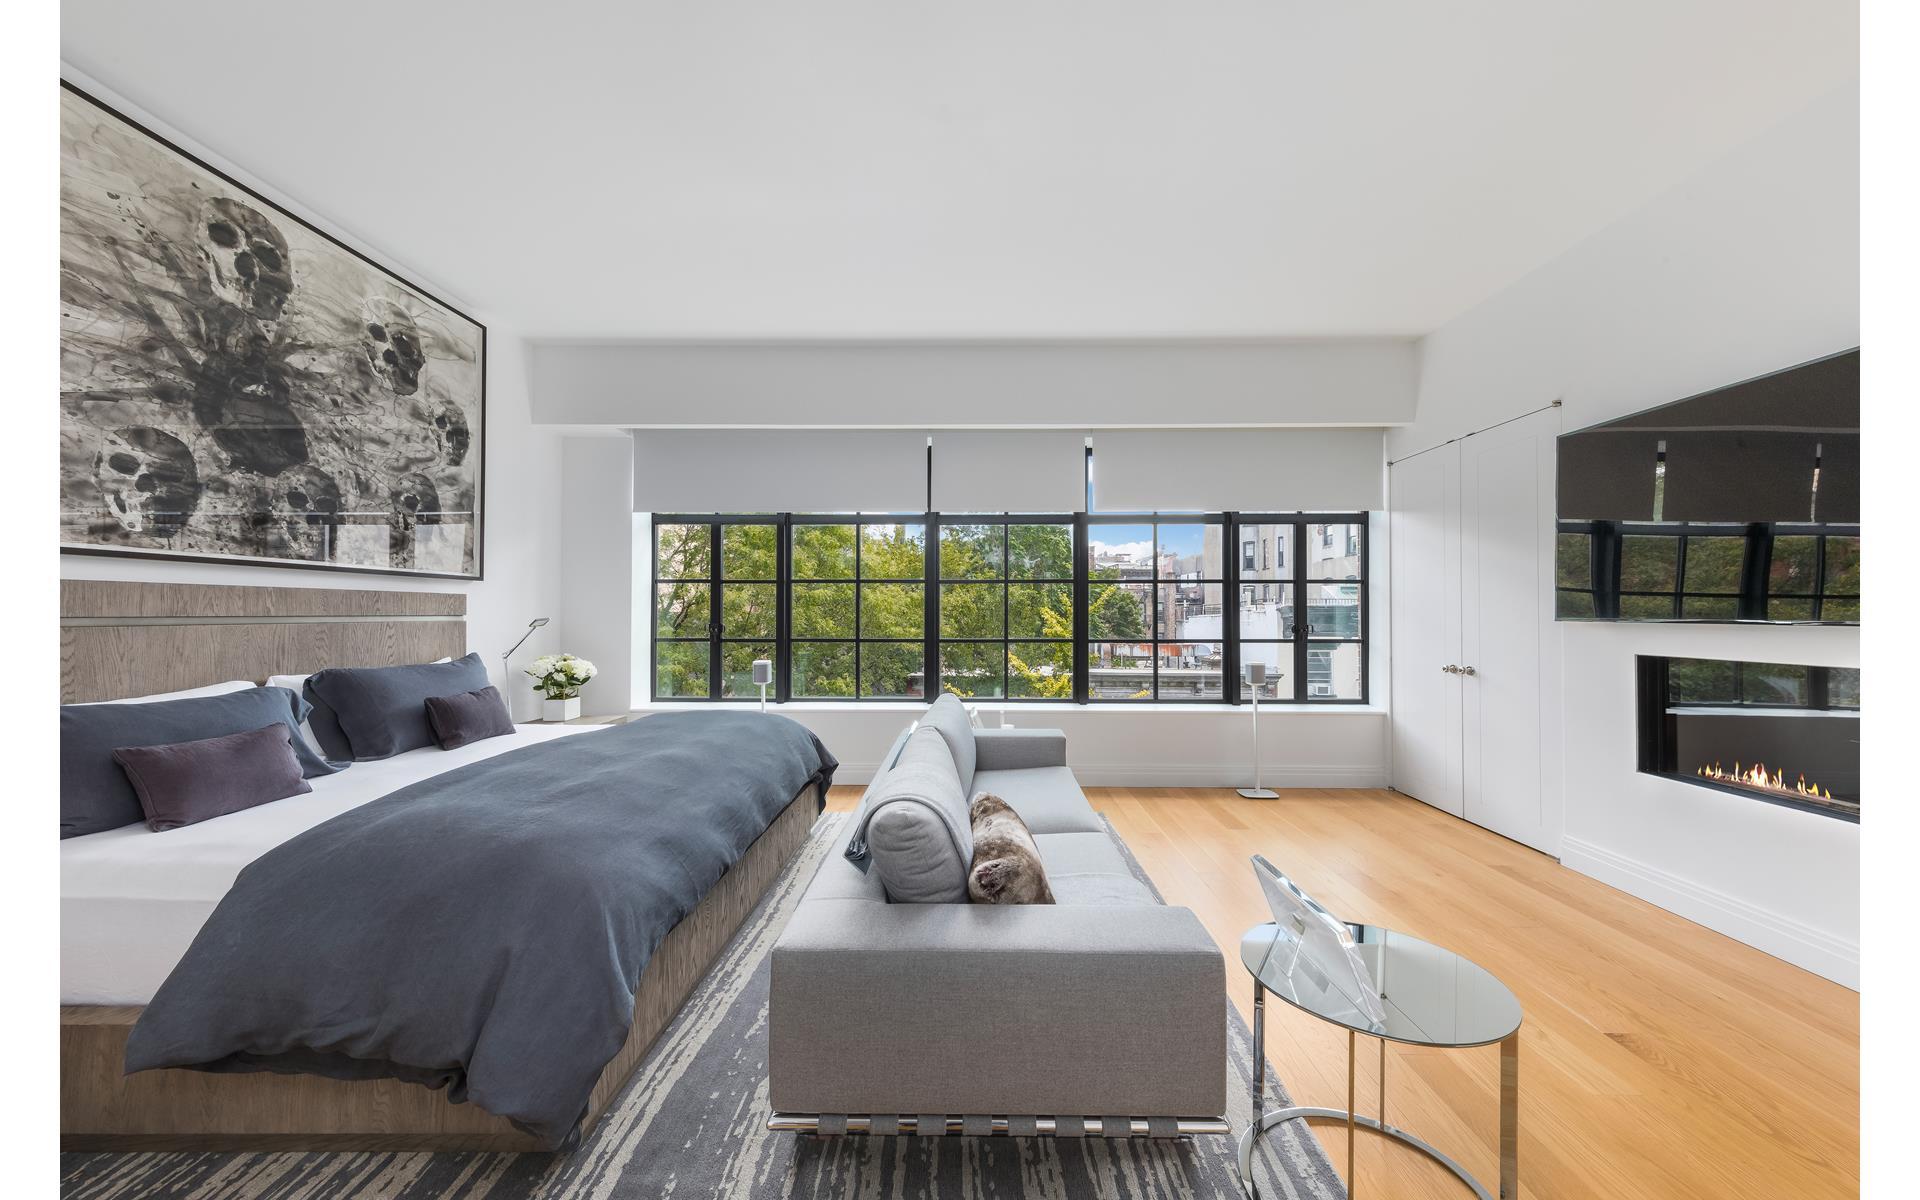 спальня кровать изголовье текстиль прикроватный дивпн телевизор электрический камин